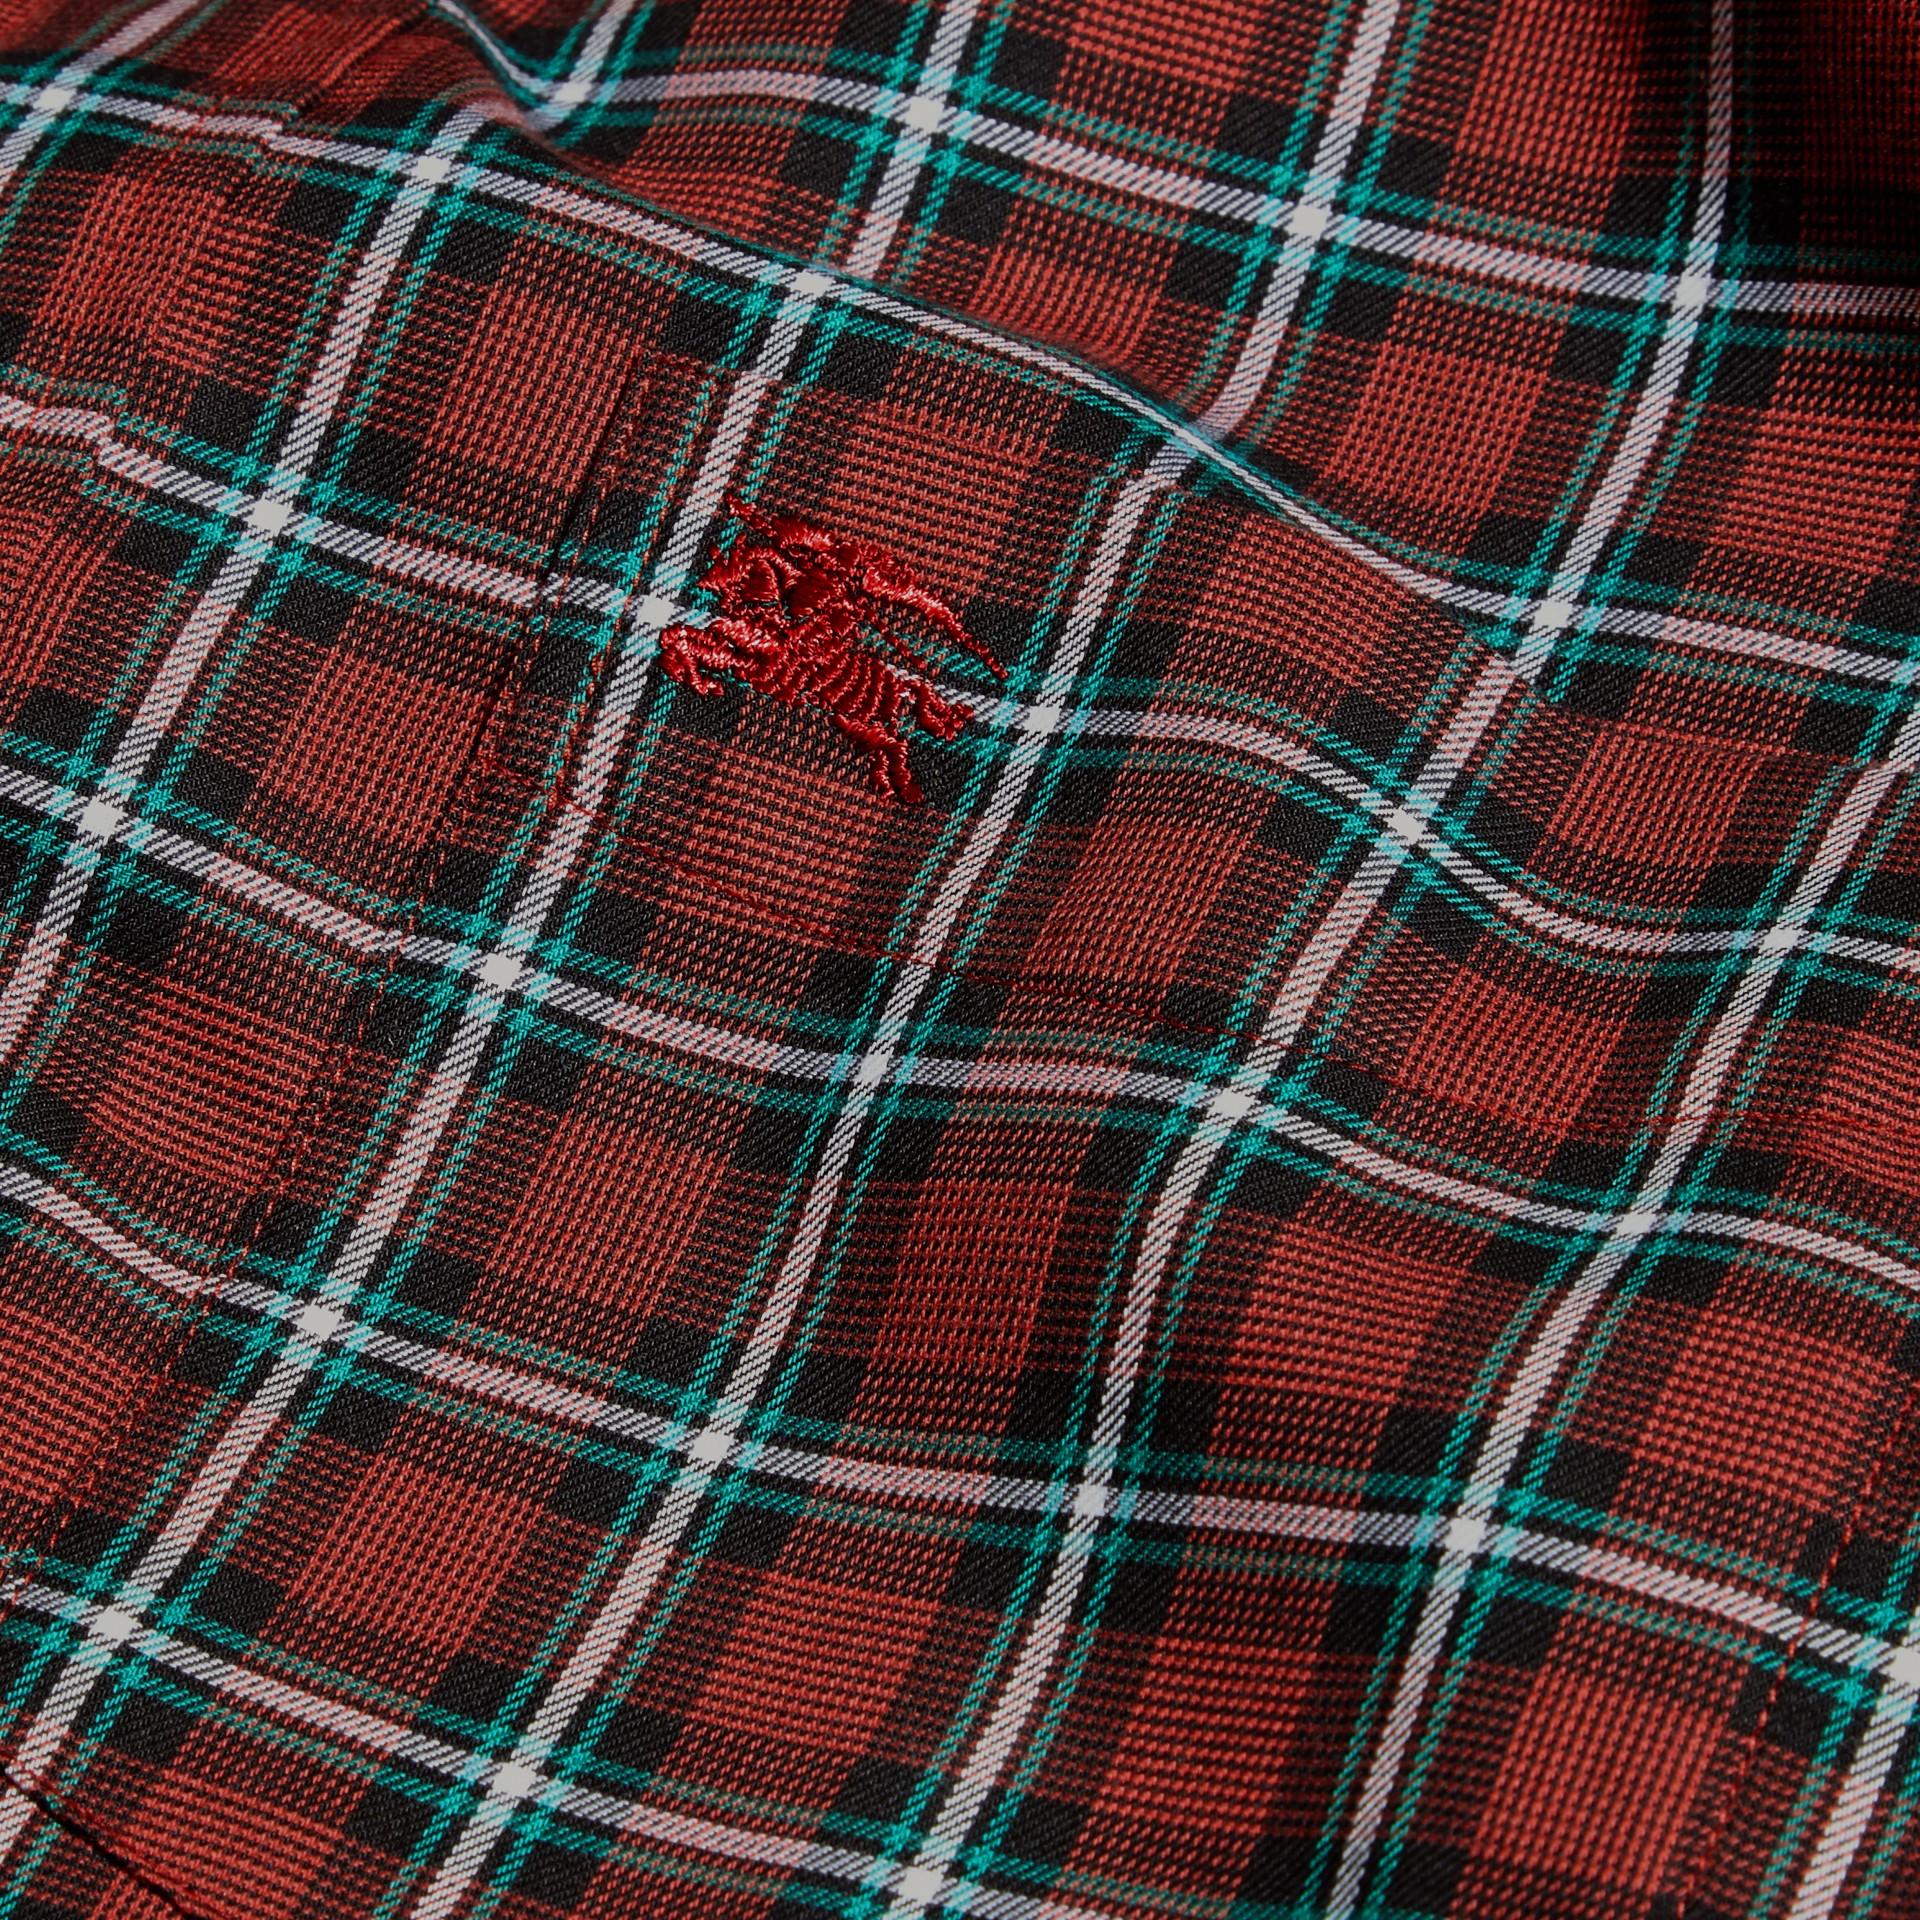 Rosso parata Camicia in twill di cotone con motivo tartan Rosso Parata - immagine della galleria 2